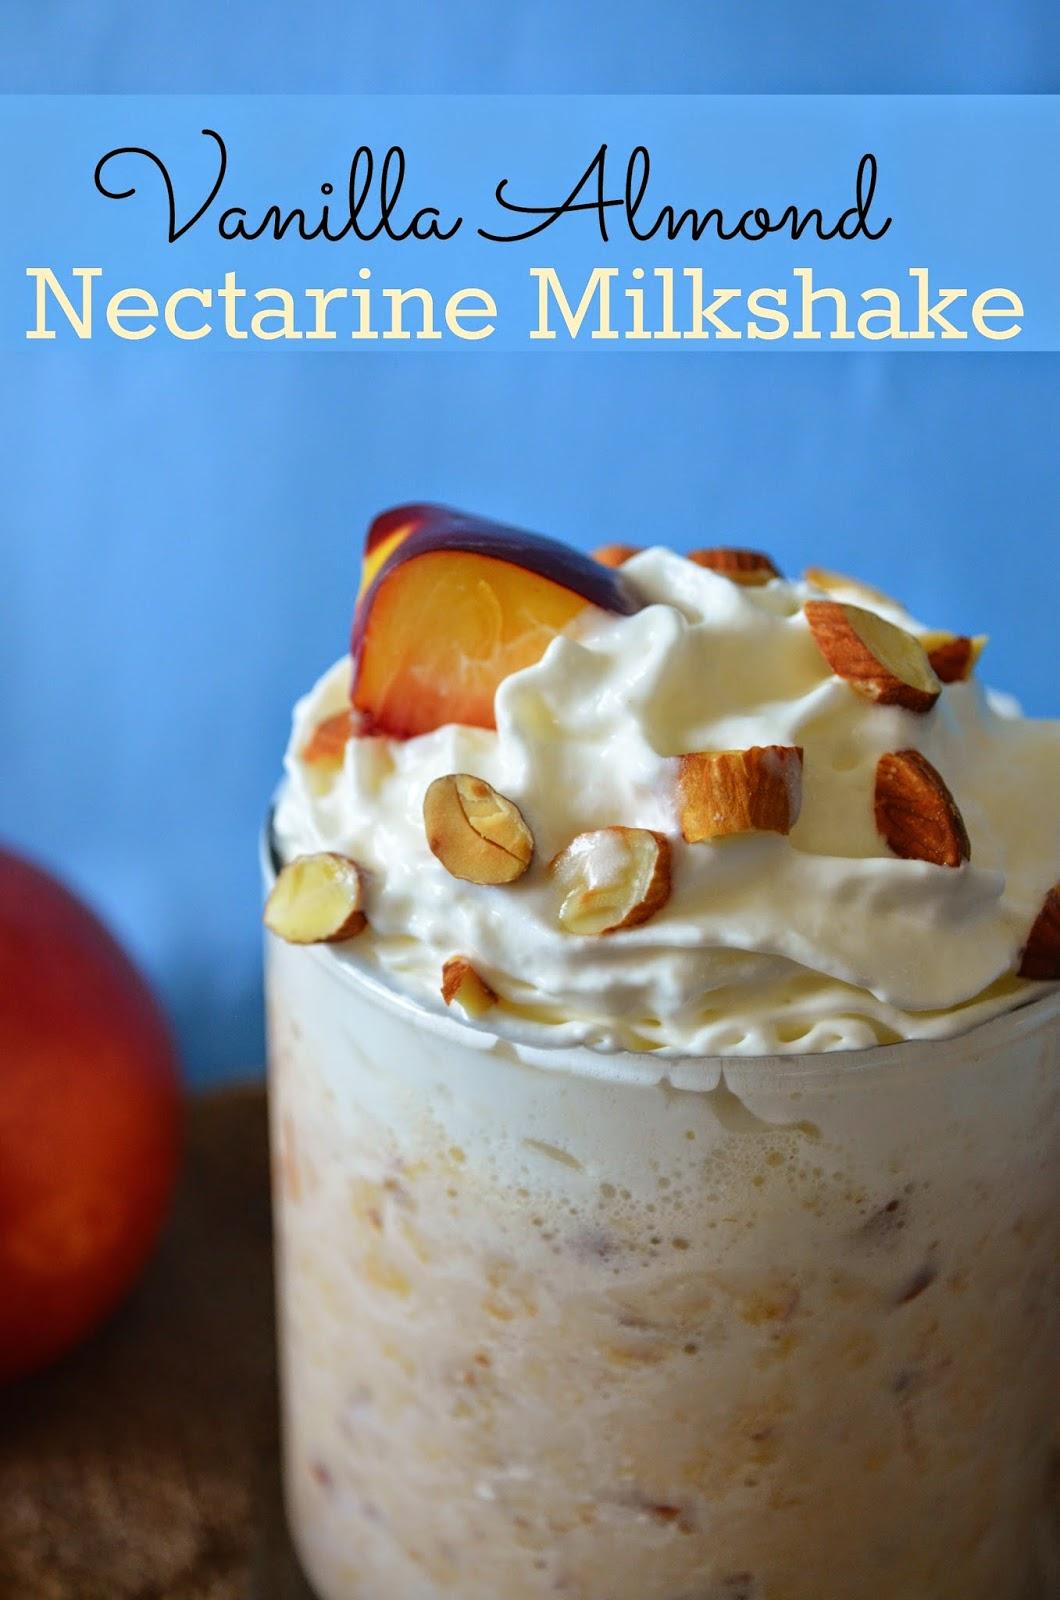 Vanilla Almond Nectarine Milkshake